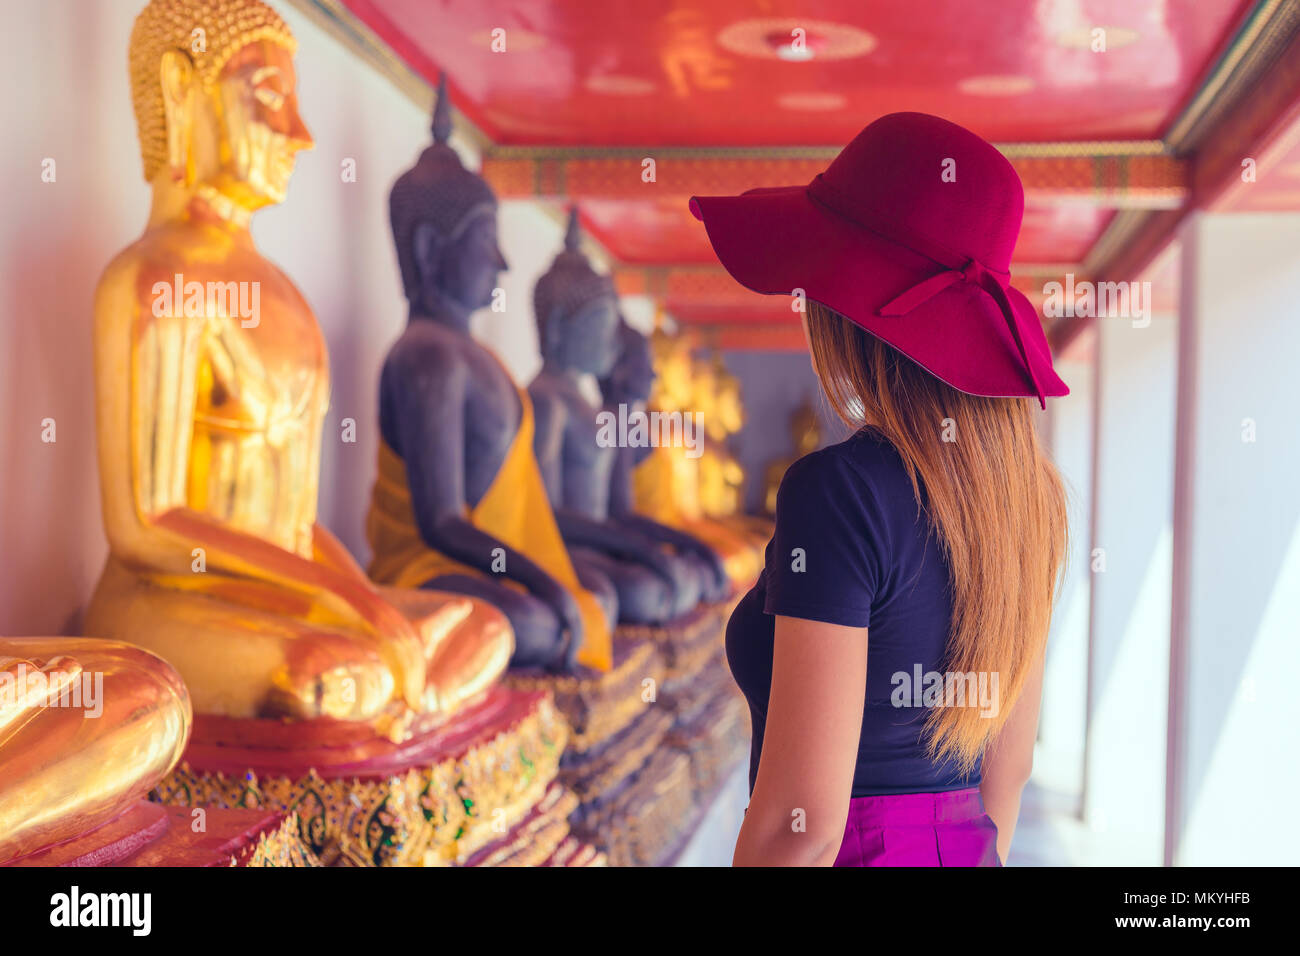 Thailändische Frauen mit Hut in einer Reihen von Buddhas Wat Pho Tempel in Bangkok, Thailand suchen Stockbild